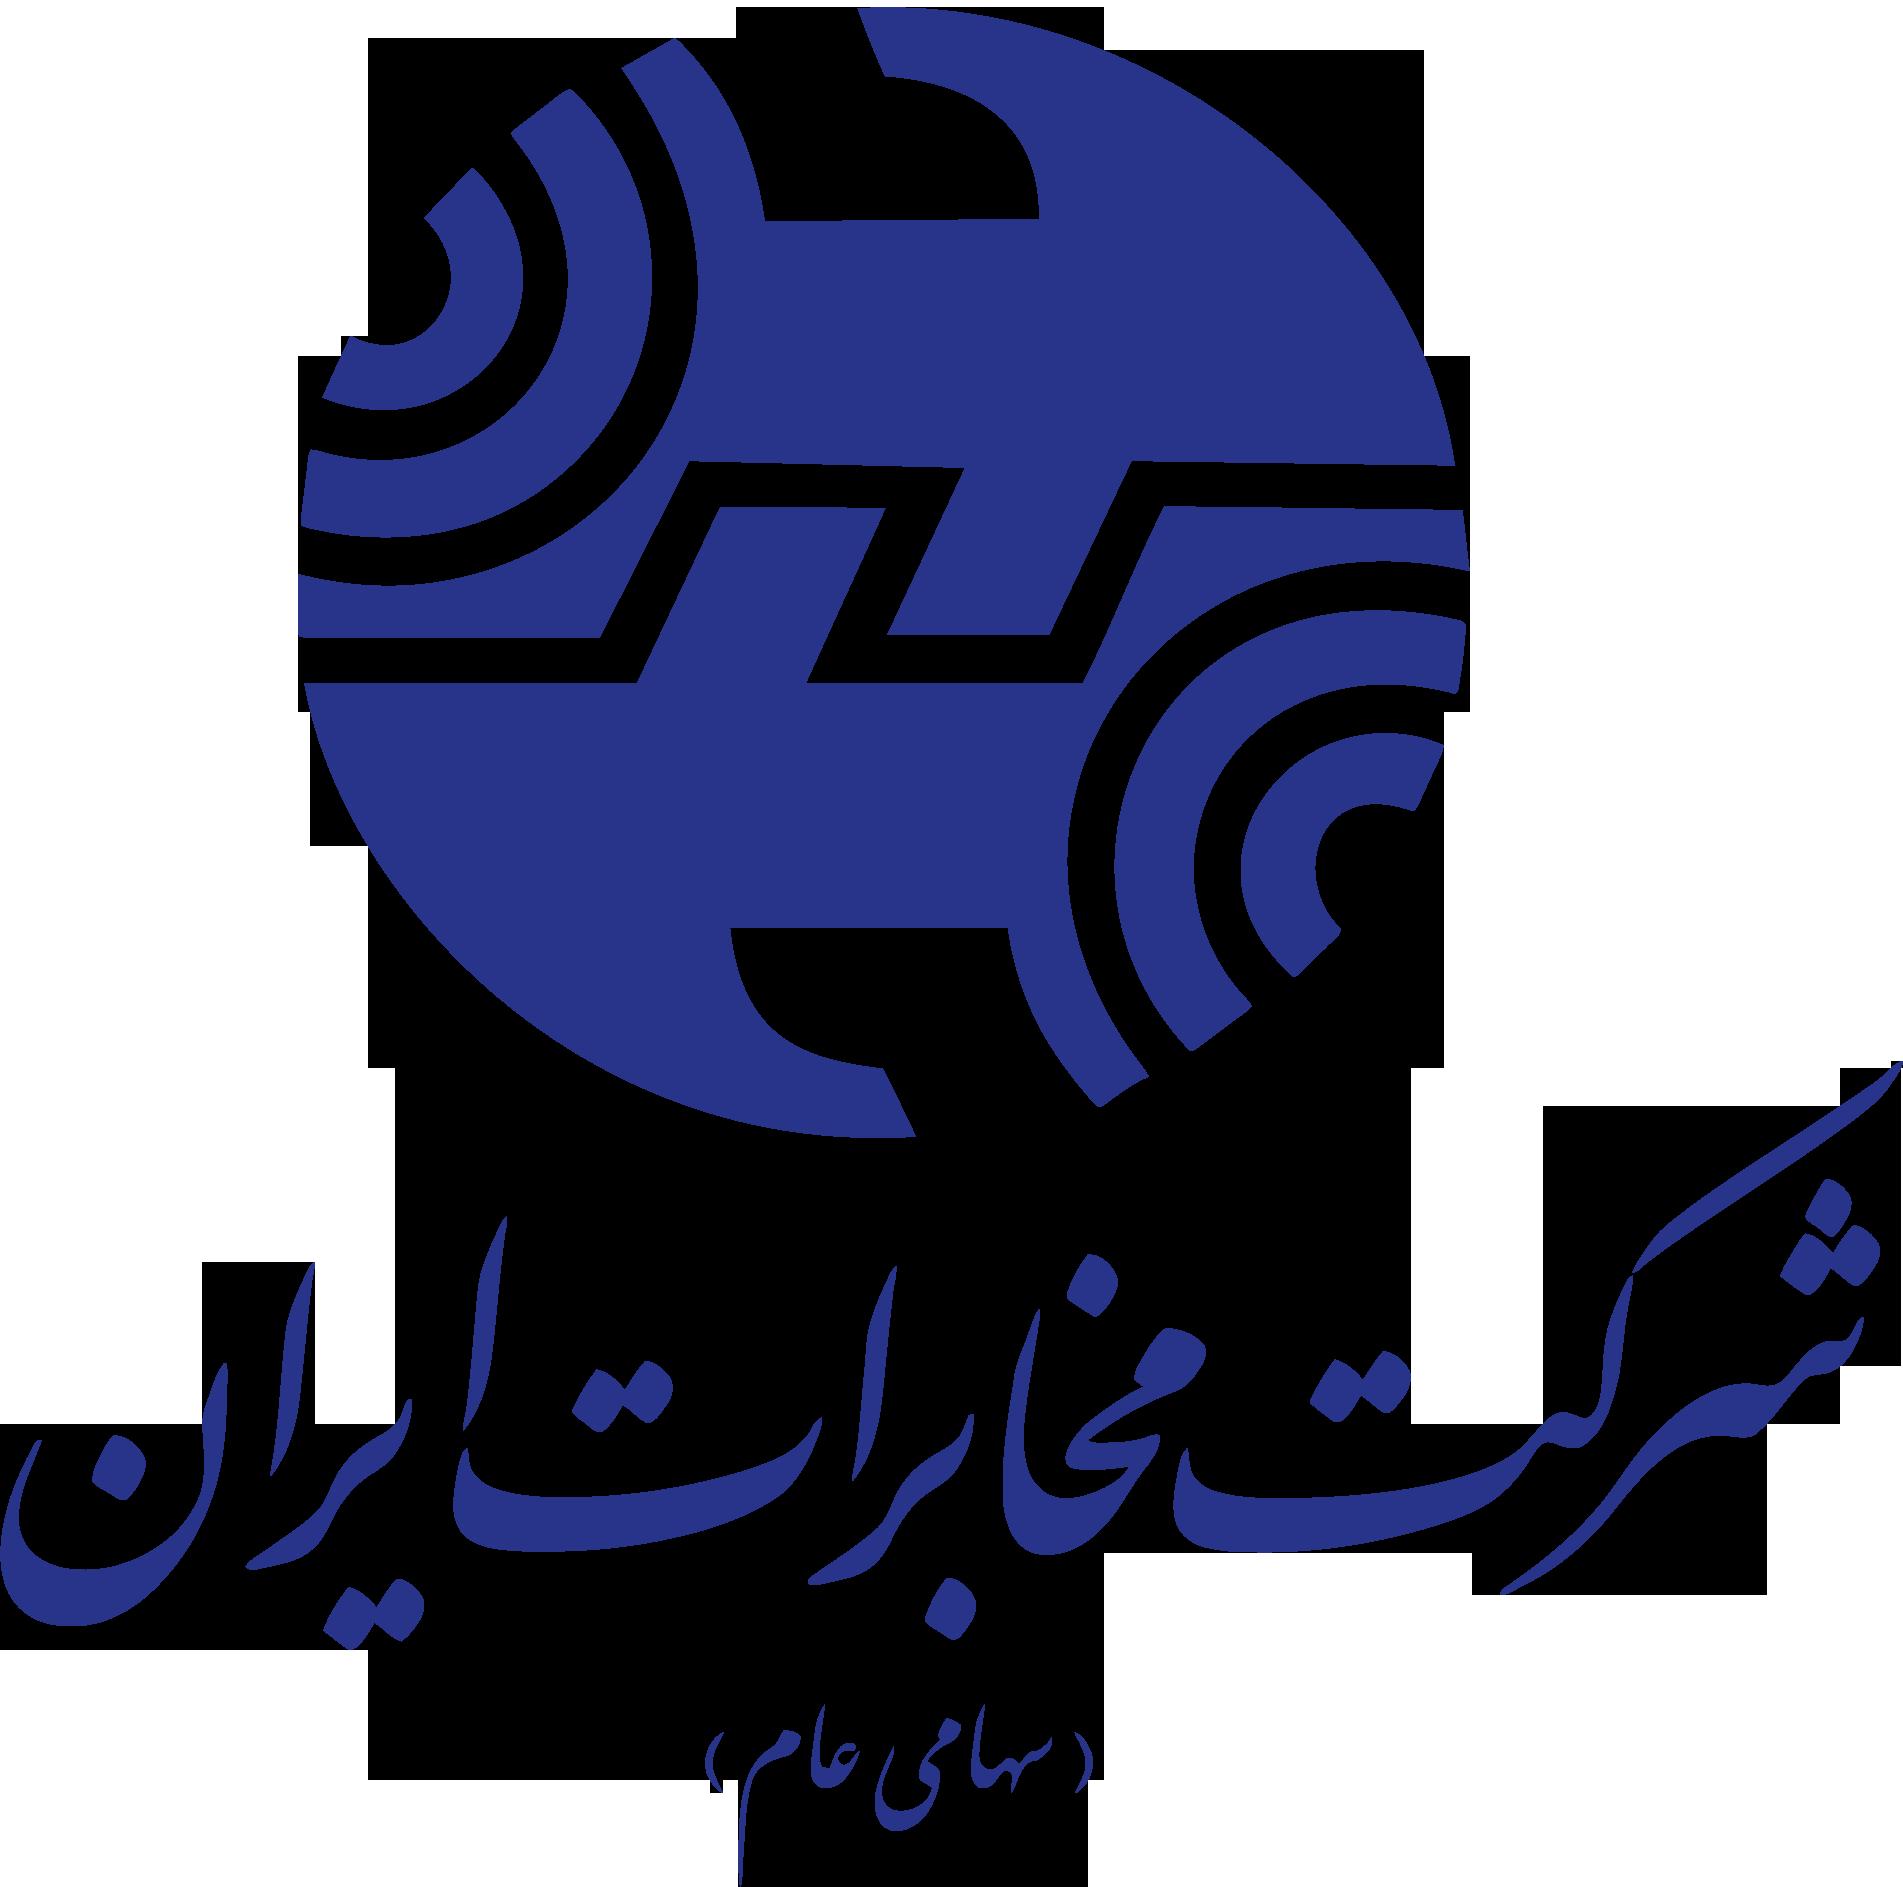 Telecommunication Company of Iran